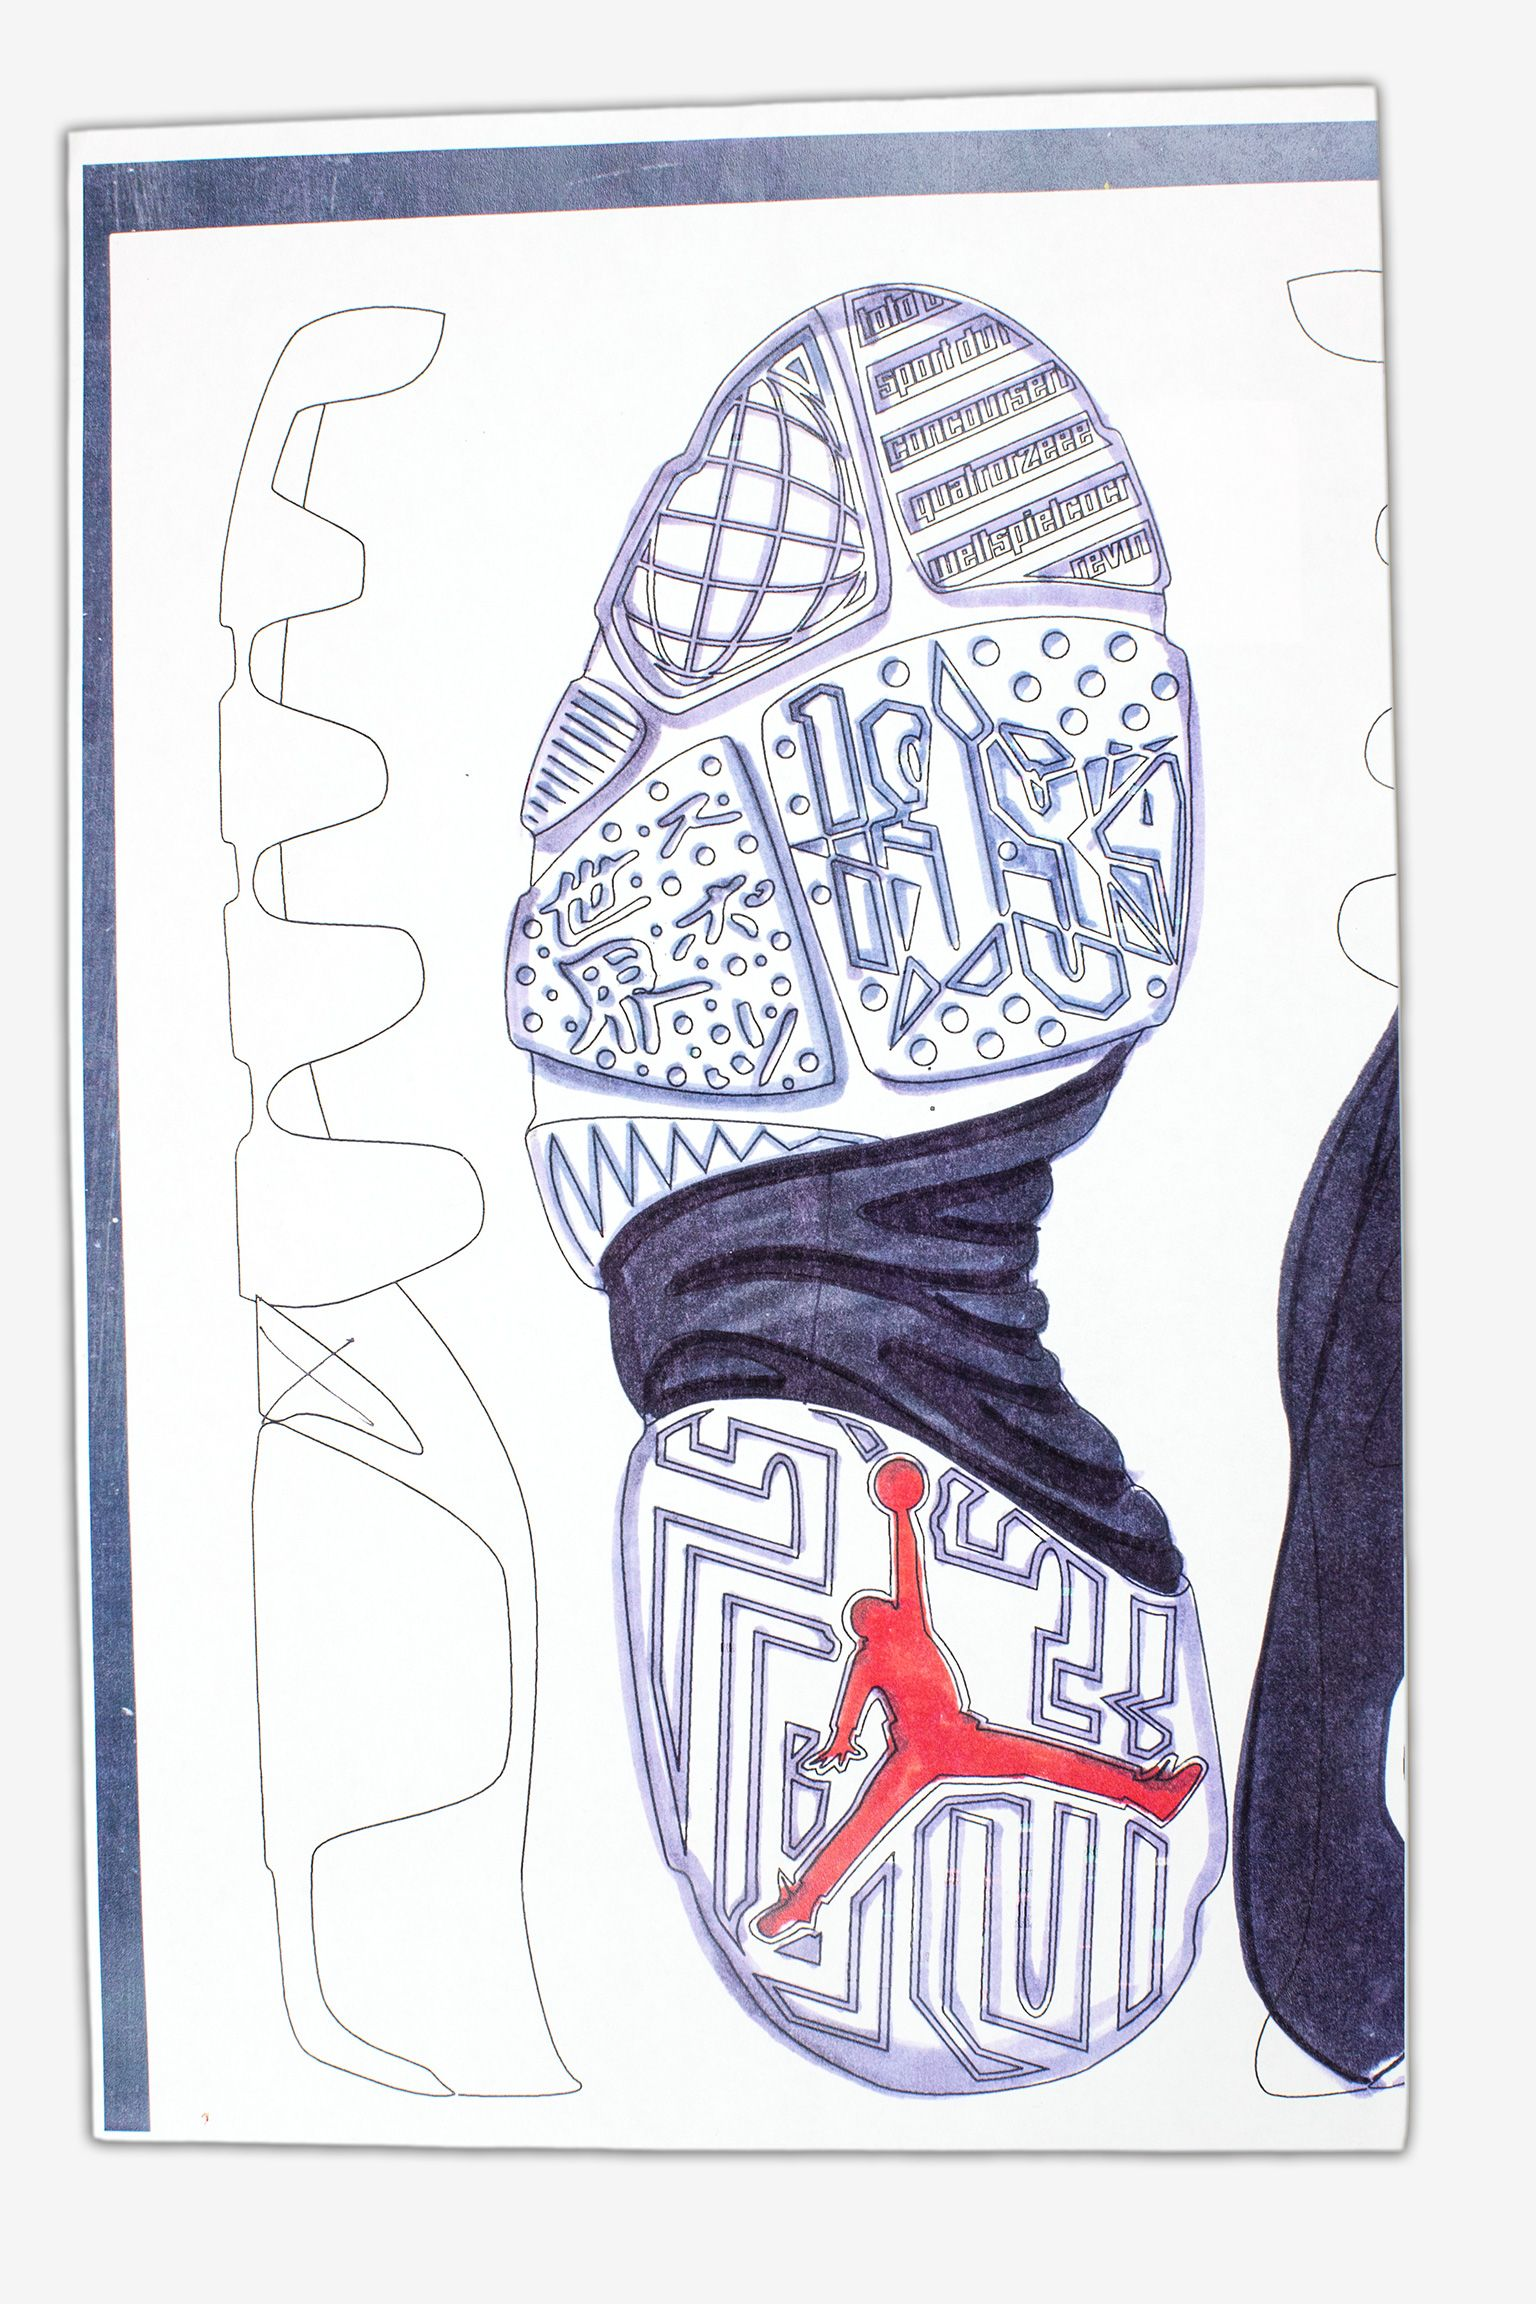 Informacje o projekcie: podeszwa zewnętrzna butów Air Jordan 9